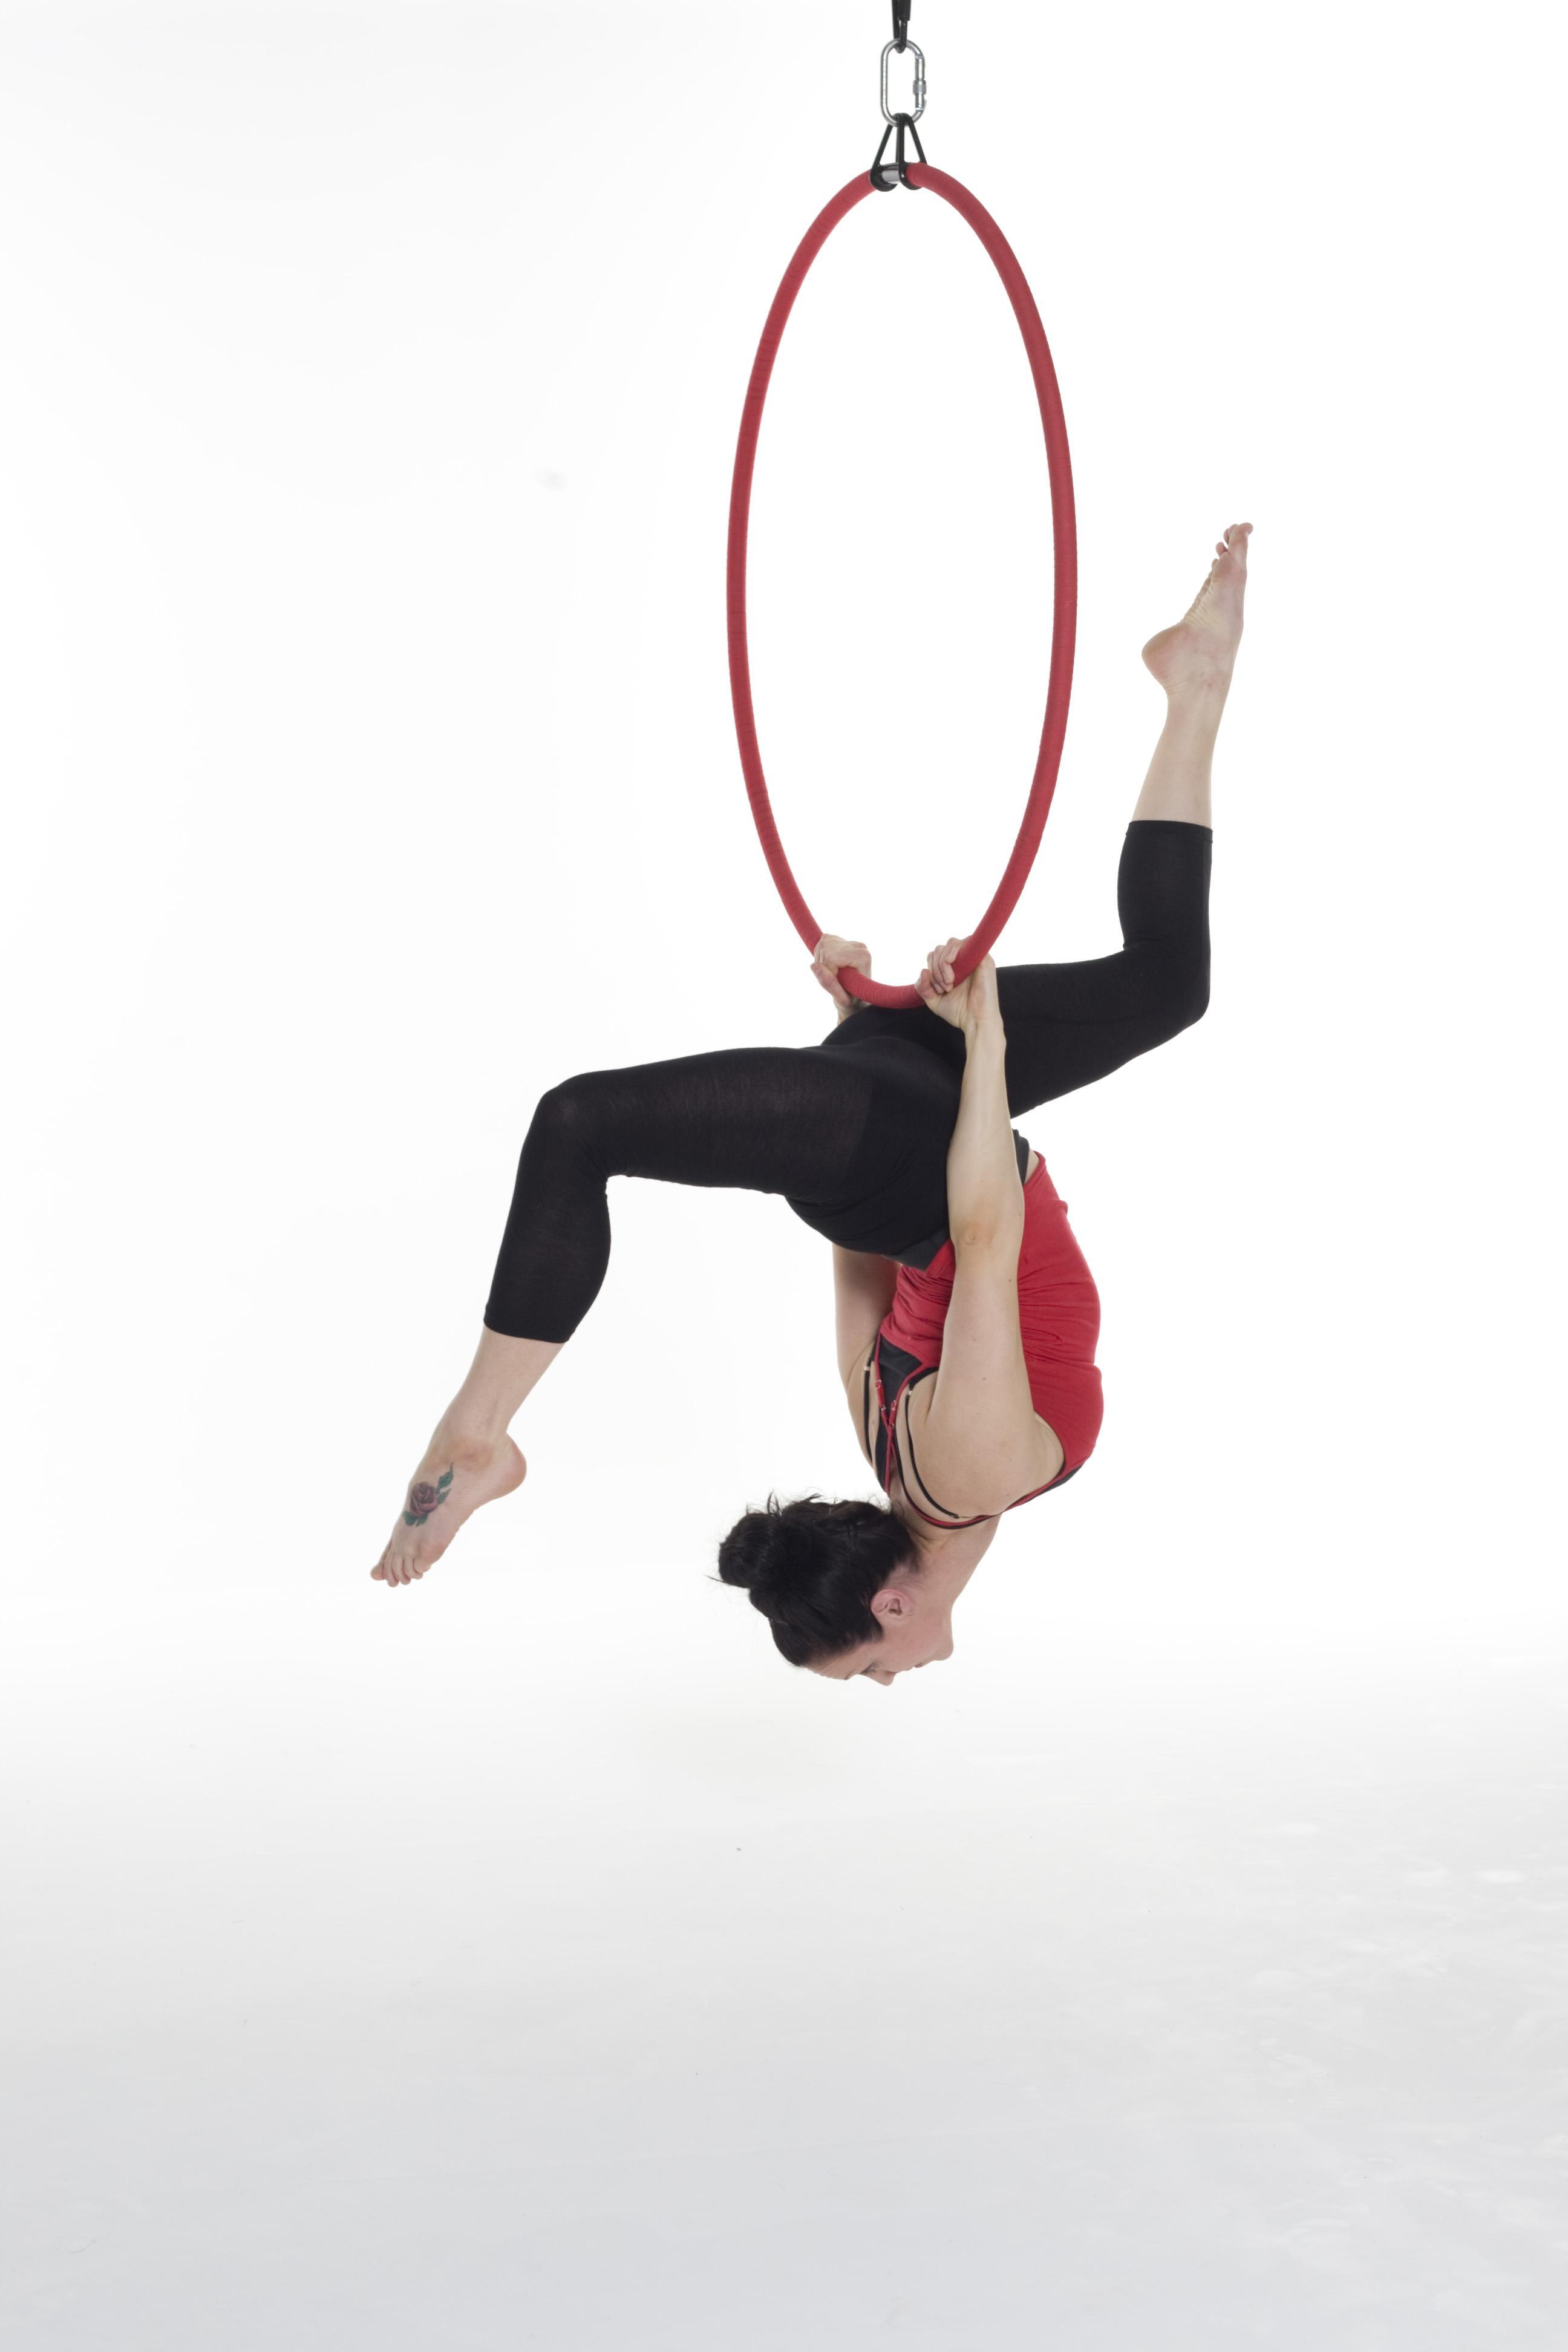 Aerial Hoop Beginners Instructor Training Cou